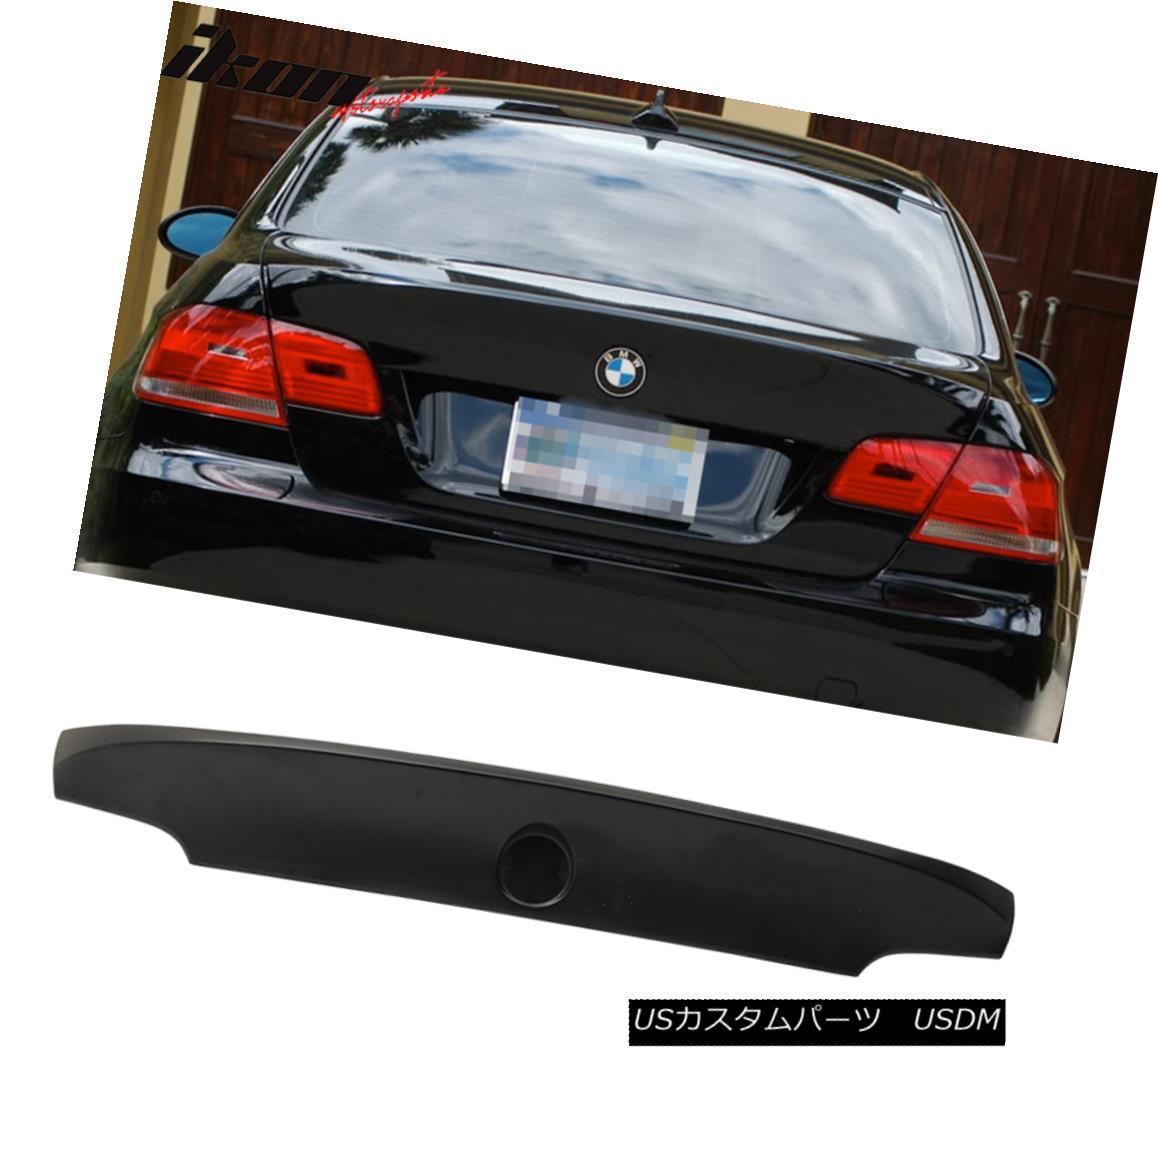 エアロパーツ Fit For 07-13 BMW 3-Series E92 M3 CSL Style Unpainted Trunk Spoiler - ABS 07-13 BMW 3シリーズE92 M3 CSLスタイル未塗装トランク・スポイラー - ABS用